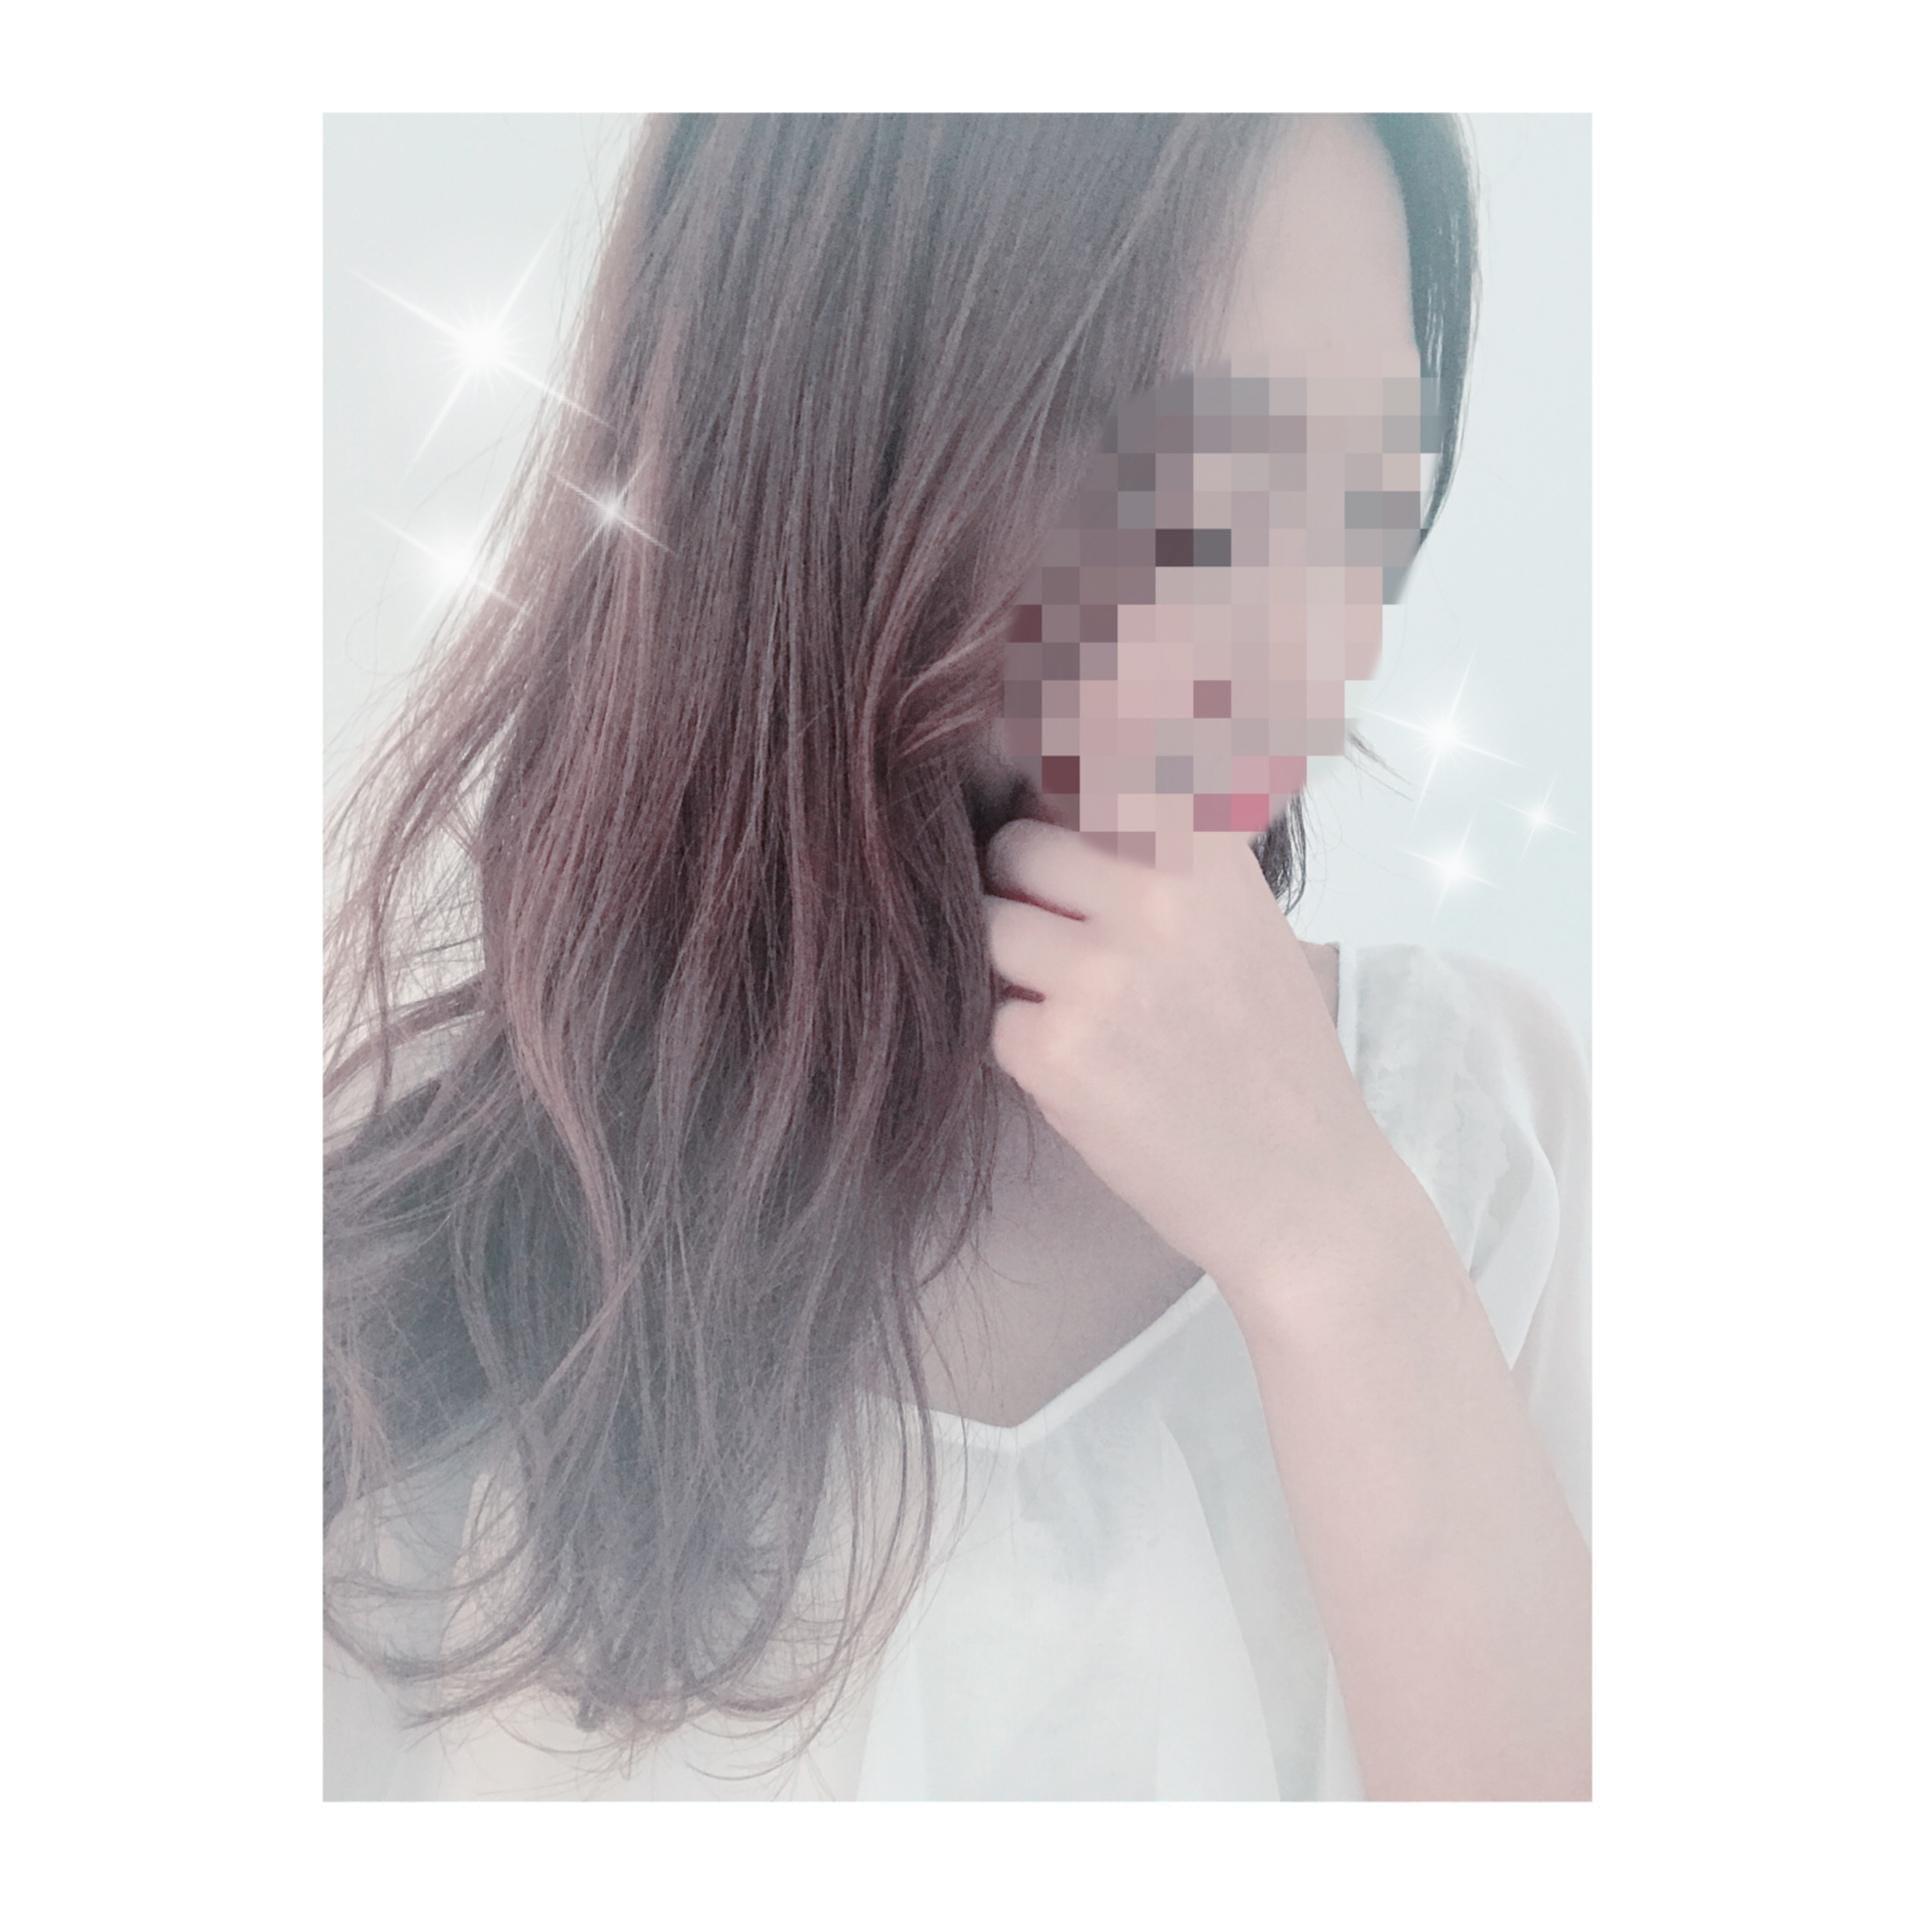 「しろ☆」05/30(05/30) 16:24 | るみなの写メ・風俗動画